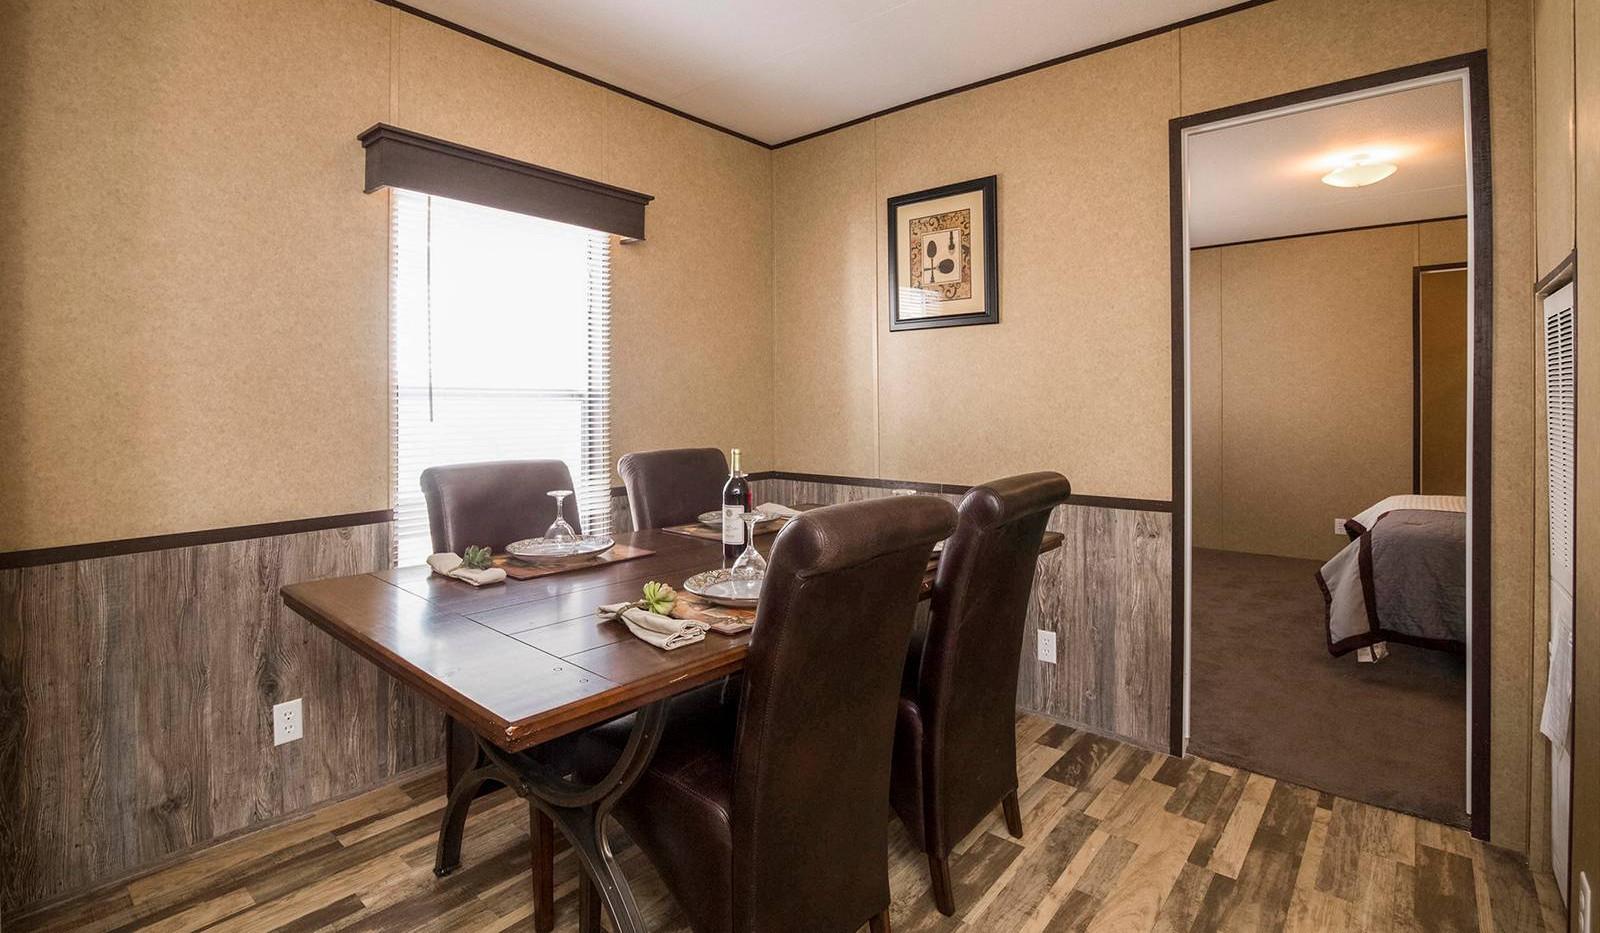 7-puebla-dining-room-2-copy-1600x1067.jp